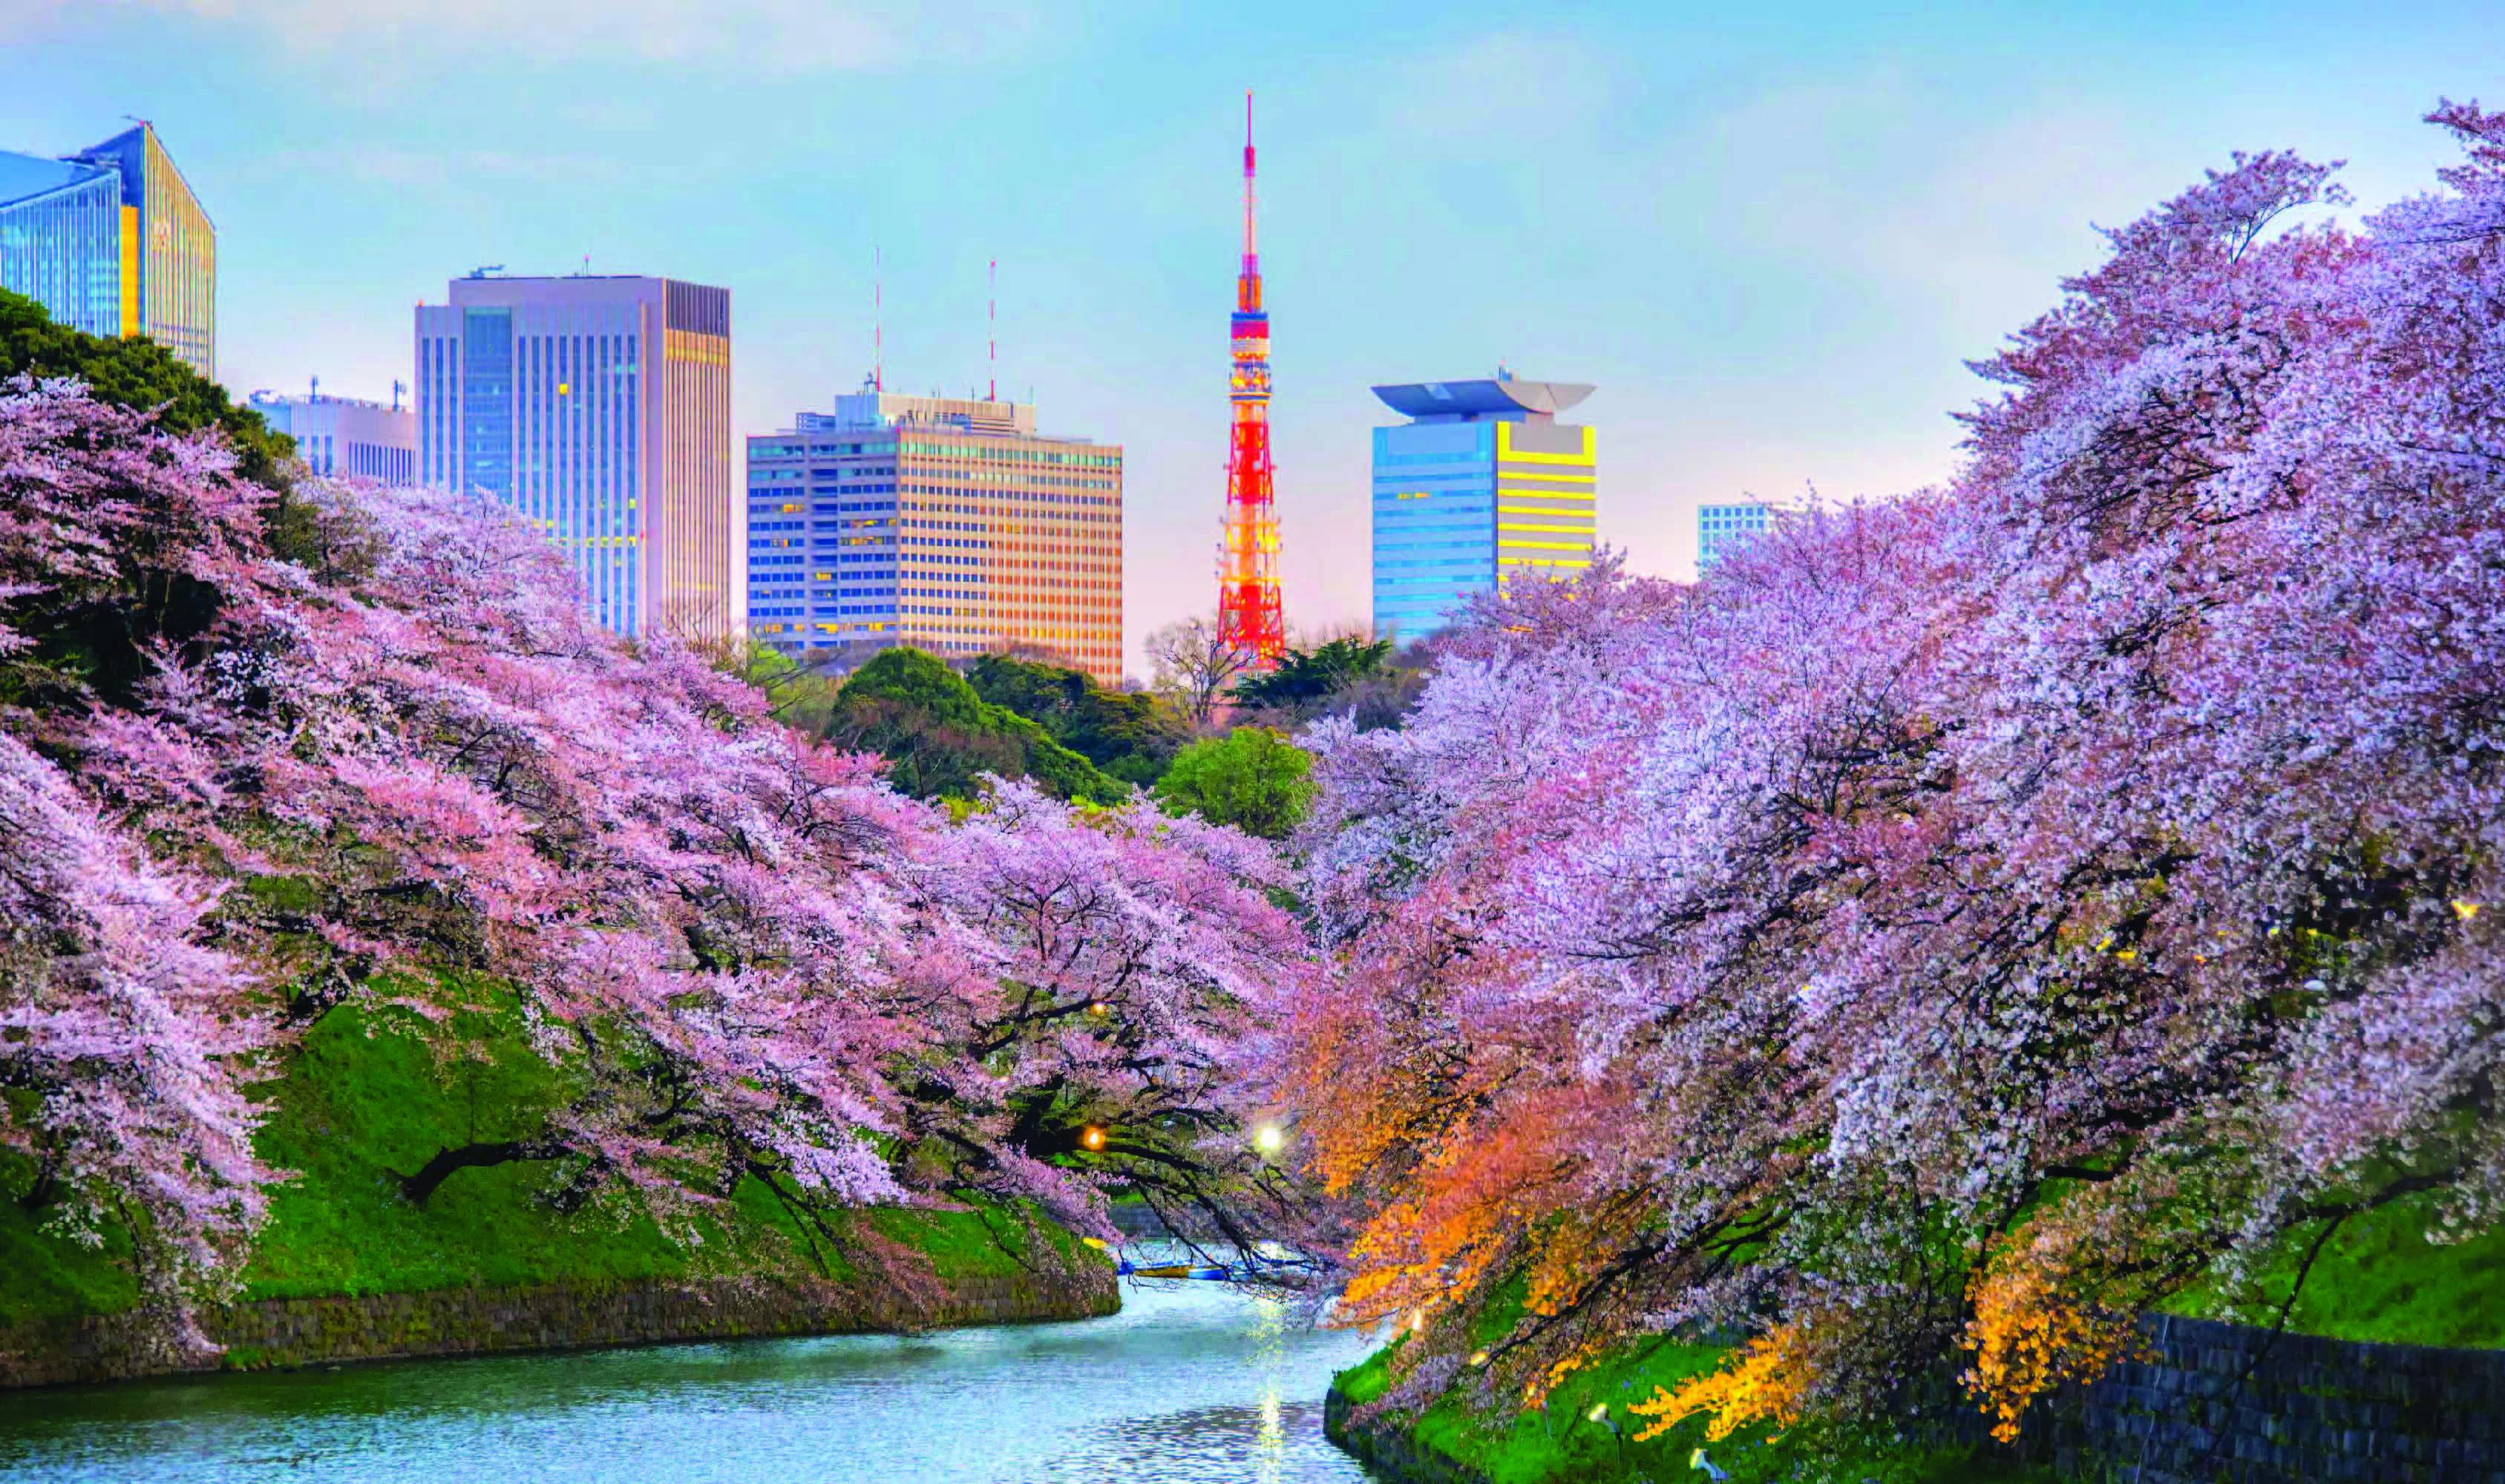 ทัวร์ญี่ปุ่น  WoW! Sakura โตเกียว ฟูจิ ซากูระ 4วัน 3คืน บิน XJ